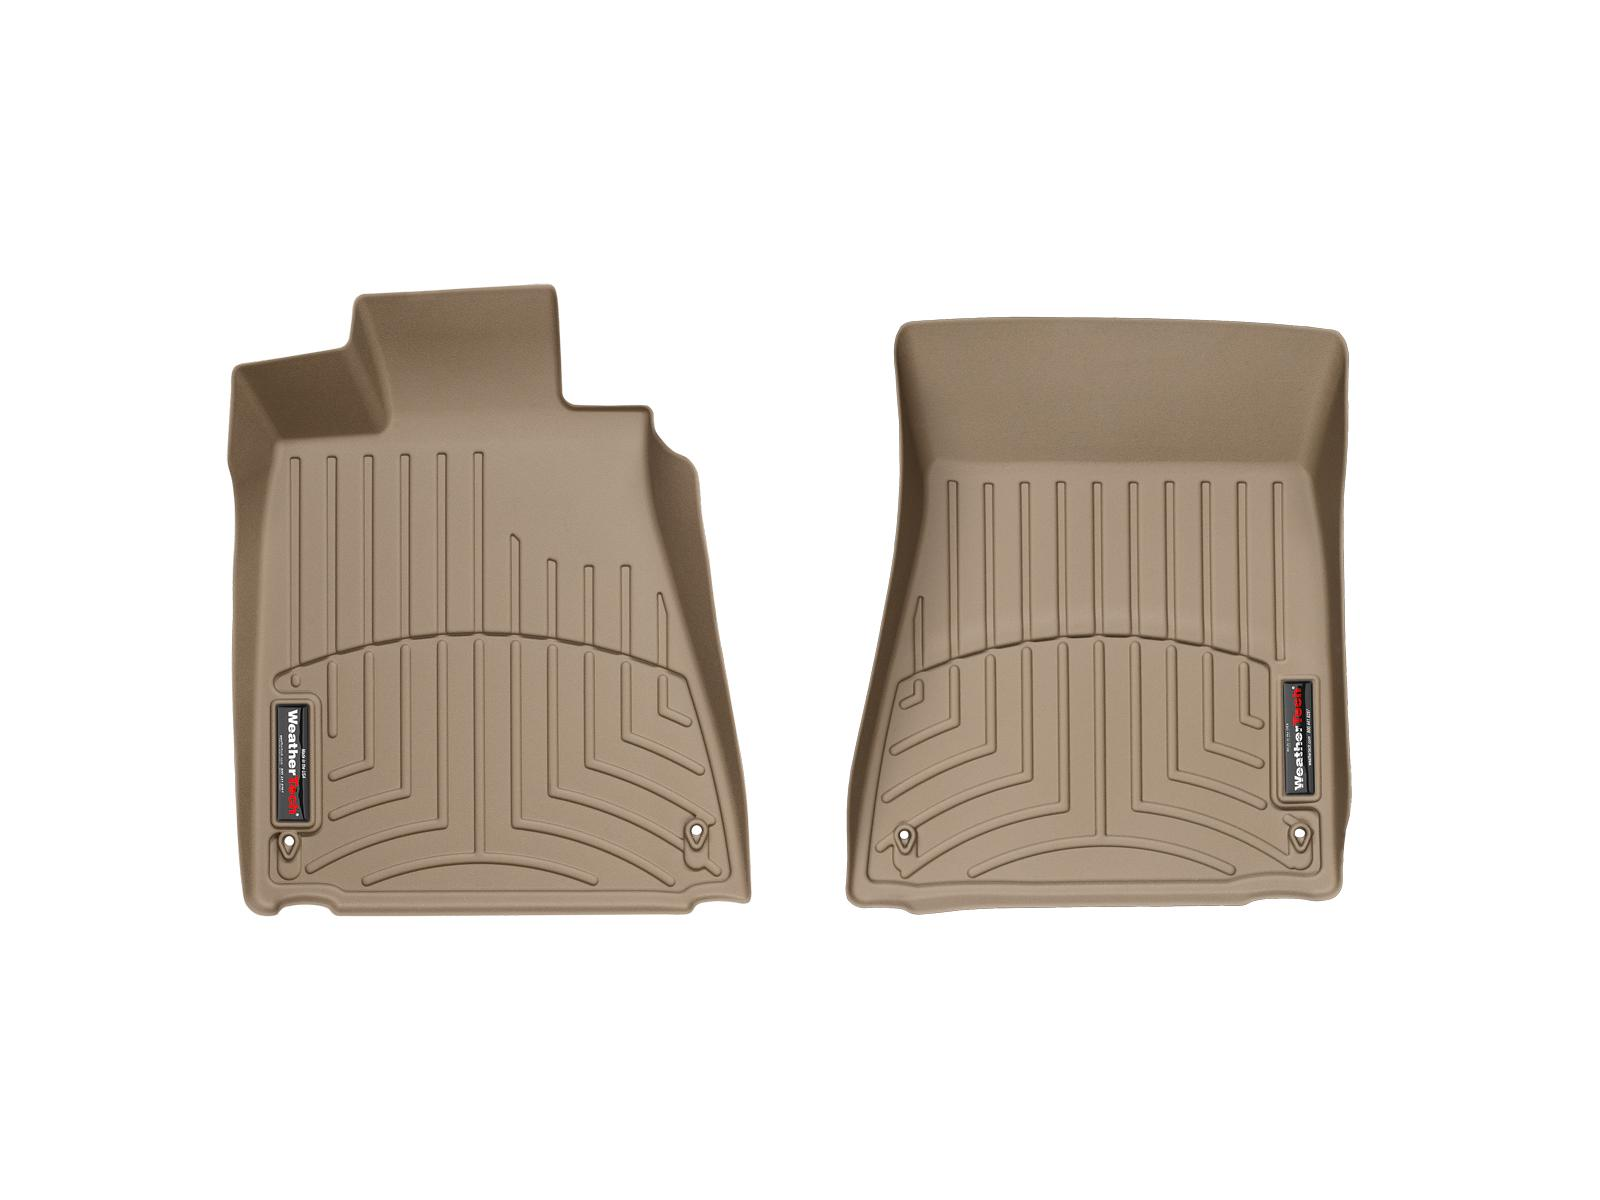 Tappeti gomma su misura bordo alto Lexus GS 300 06>06 Marrone A2020